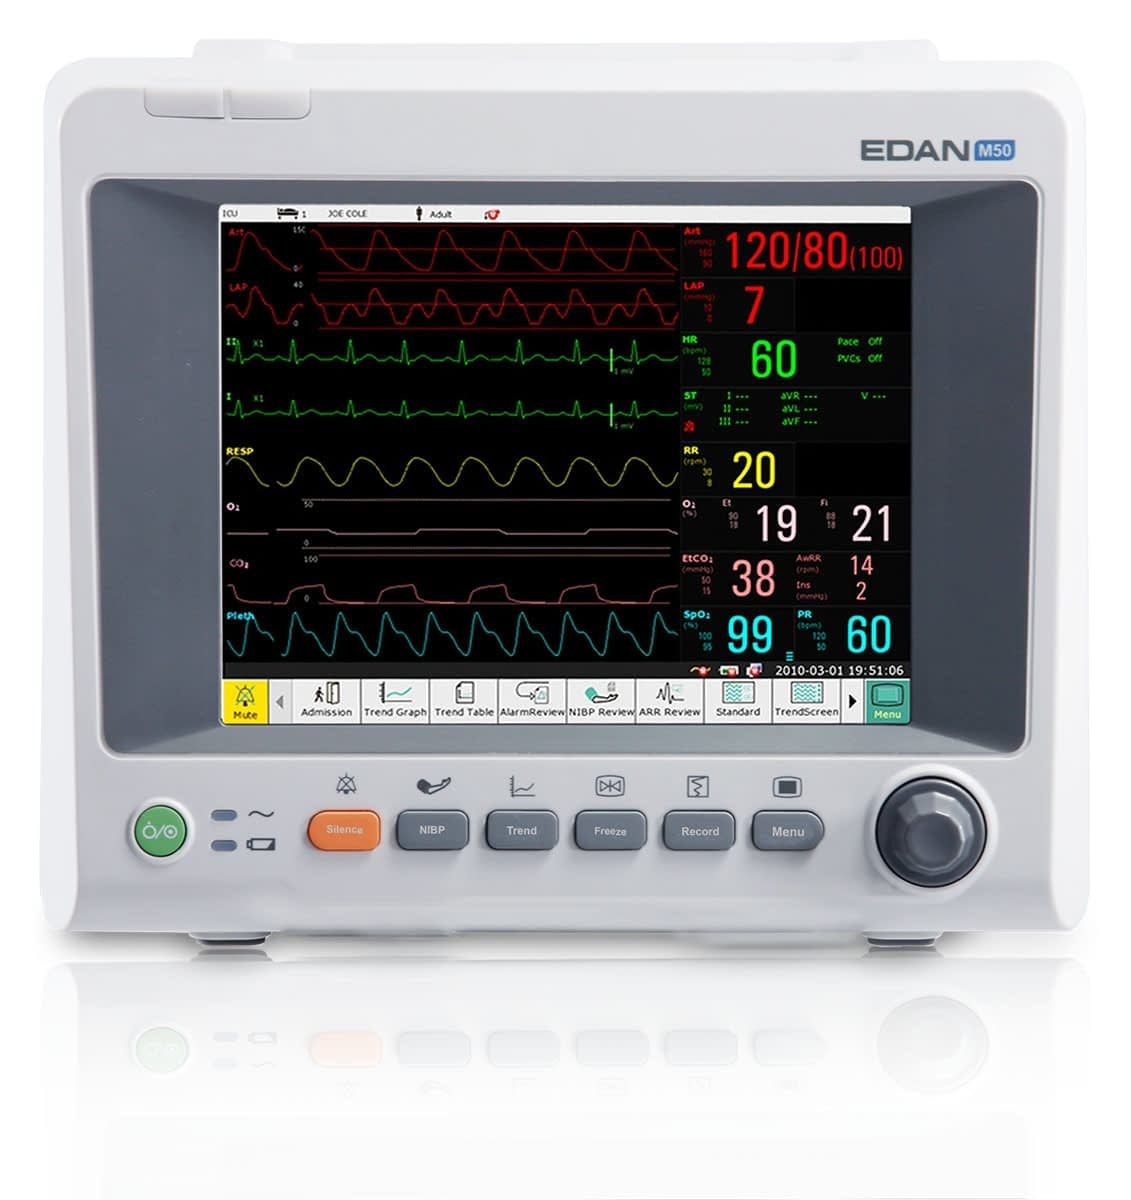 edan-im50-patient-monitor